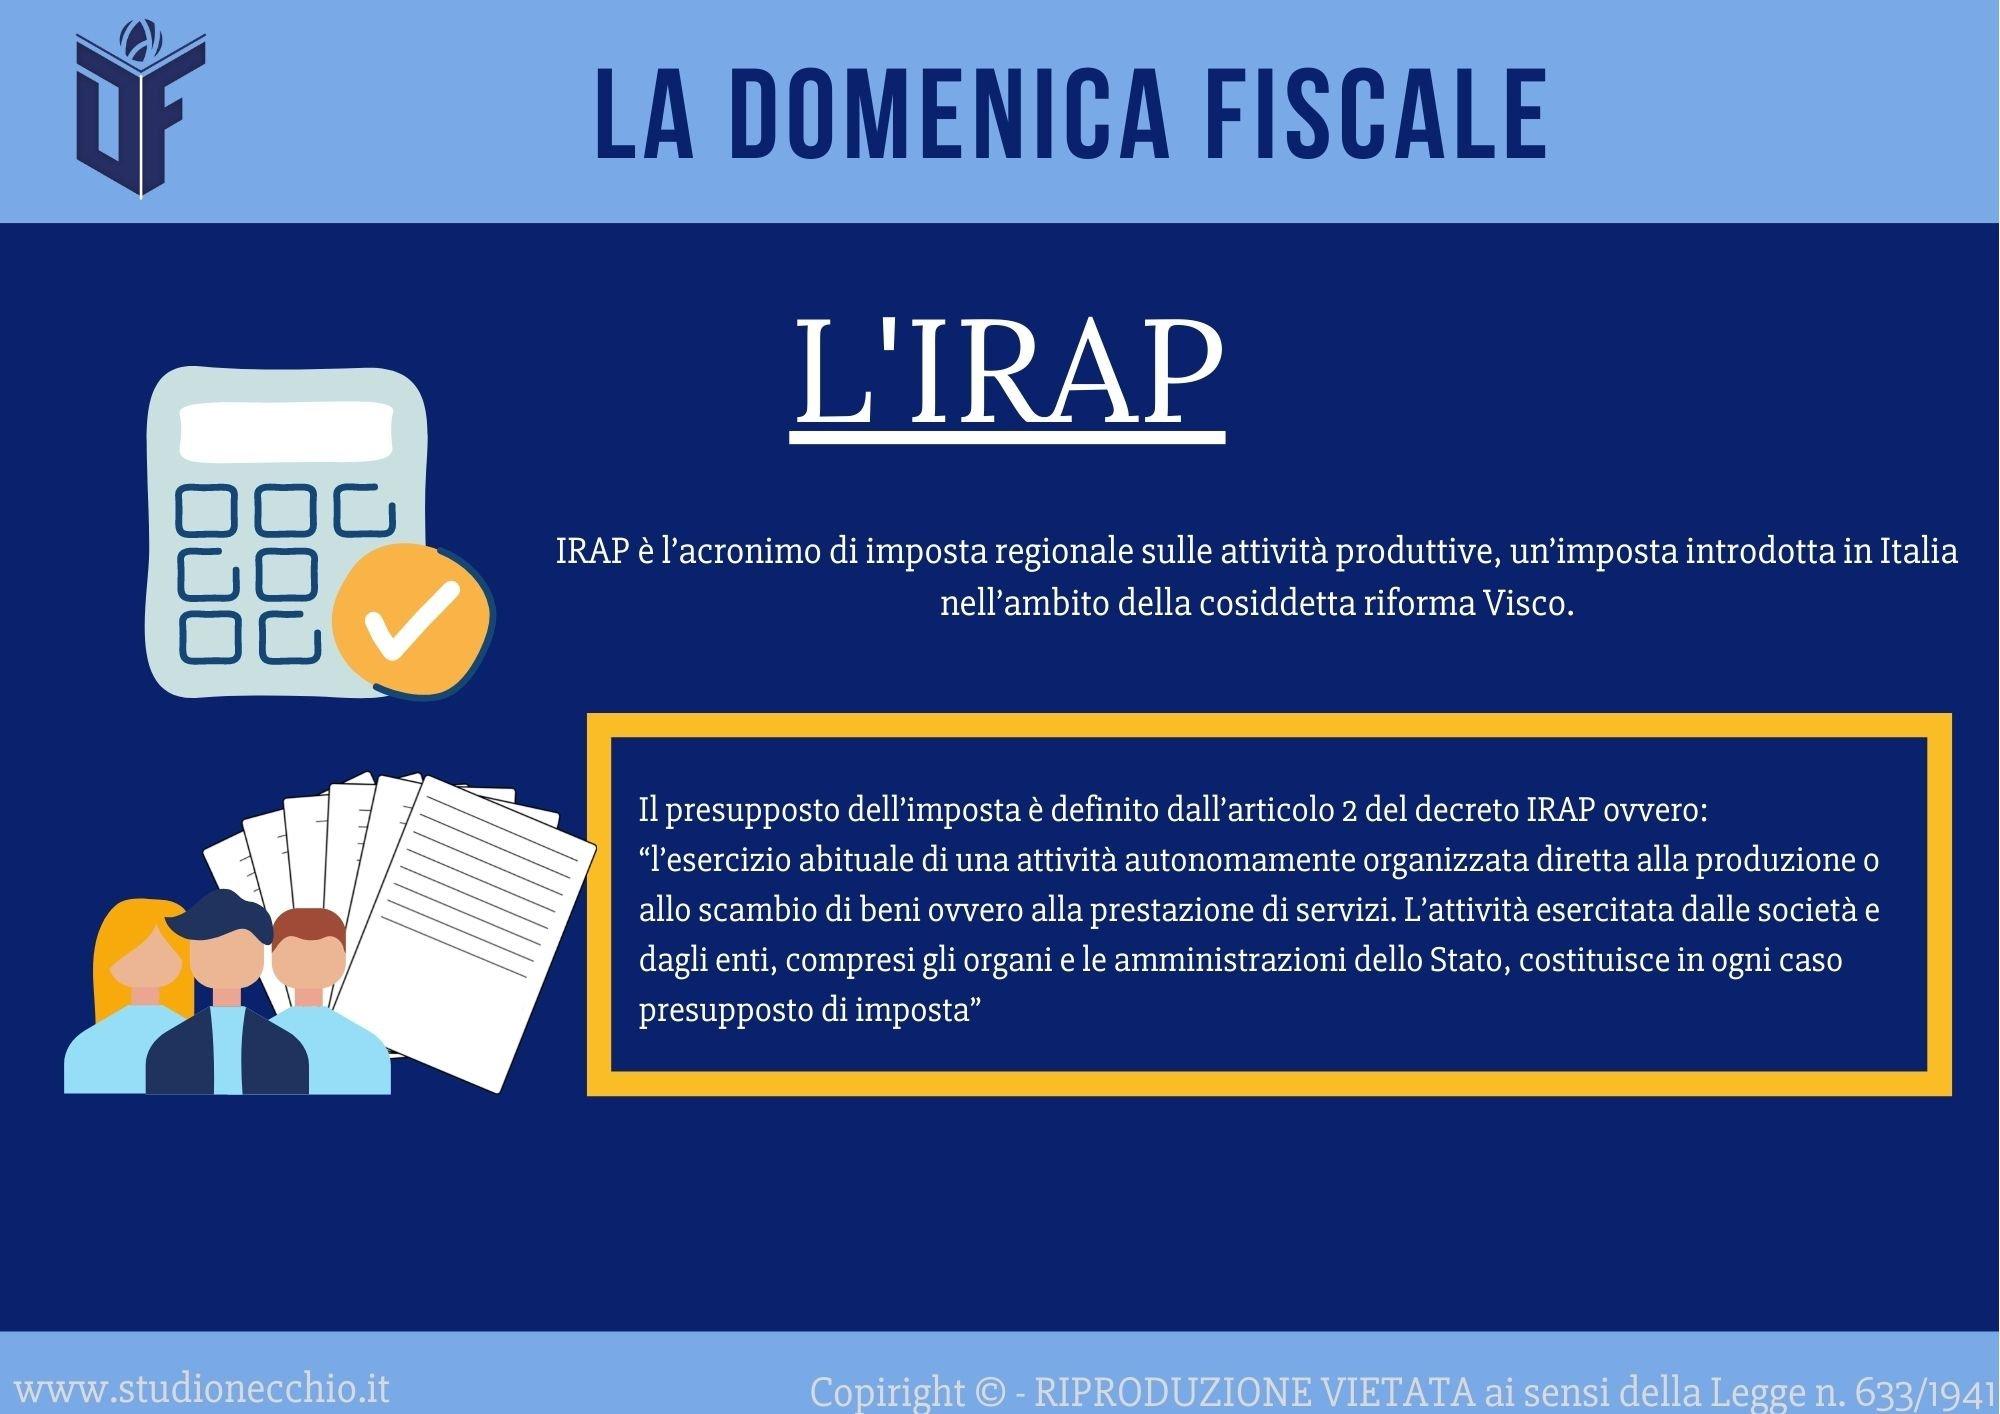 La Domenica Fiscale – L'IRAP